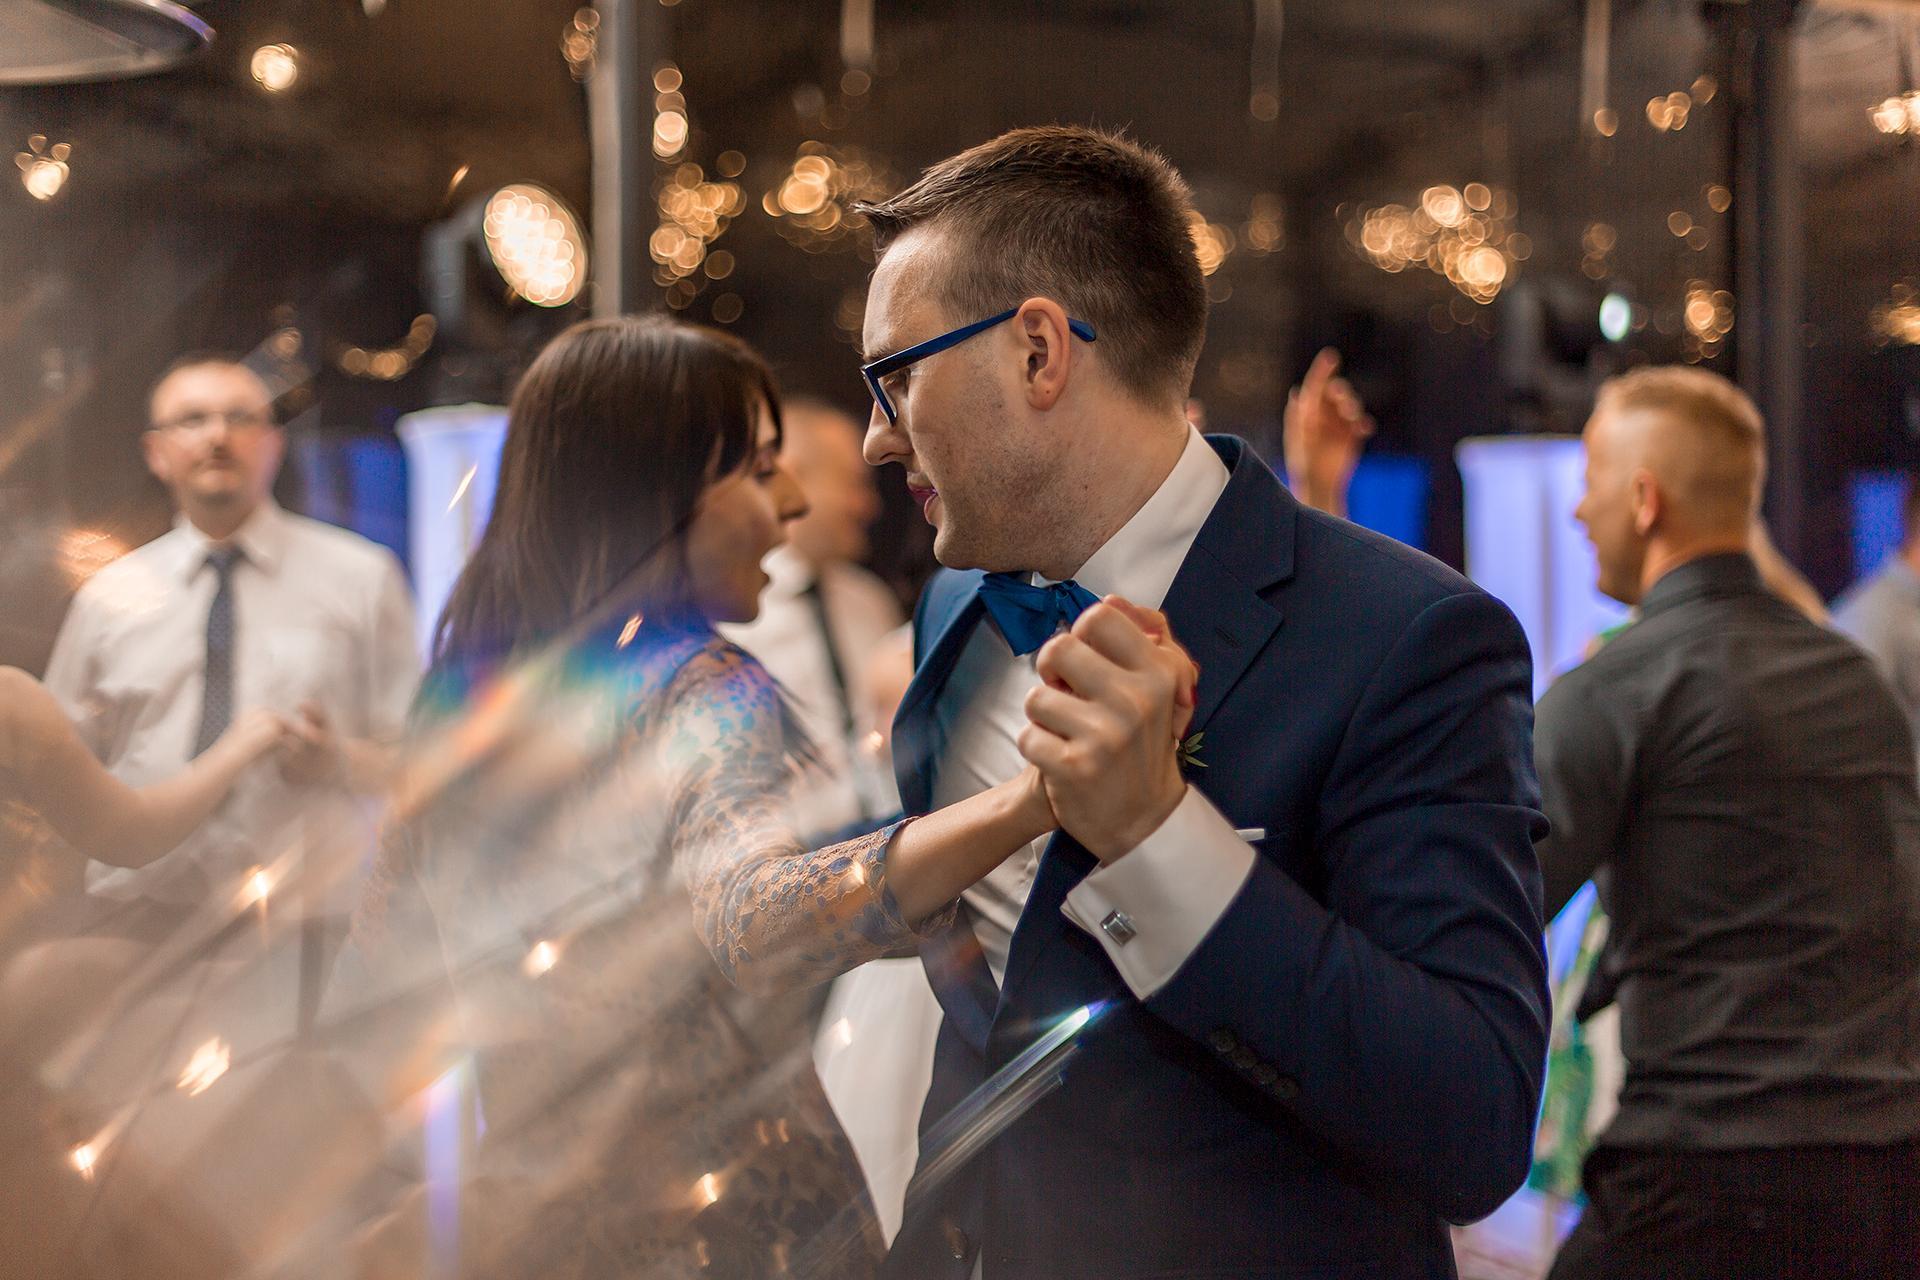 Tańczący Pan Młody